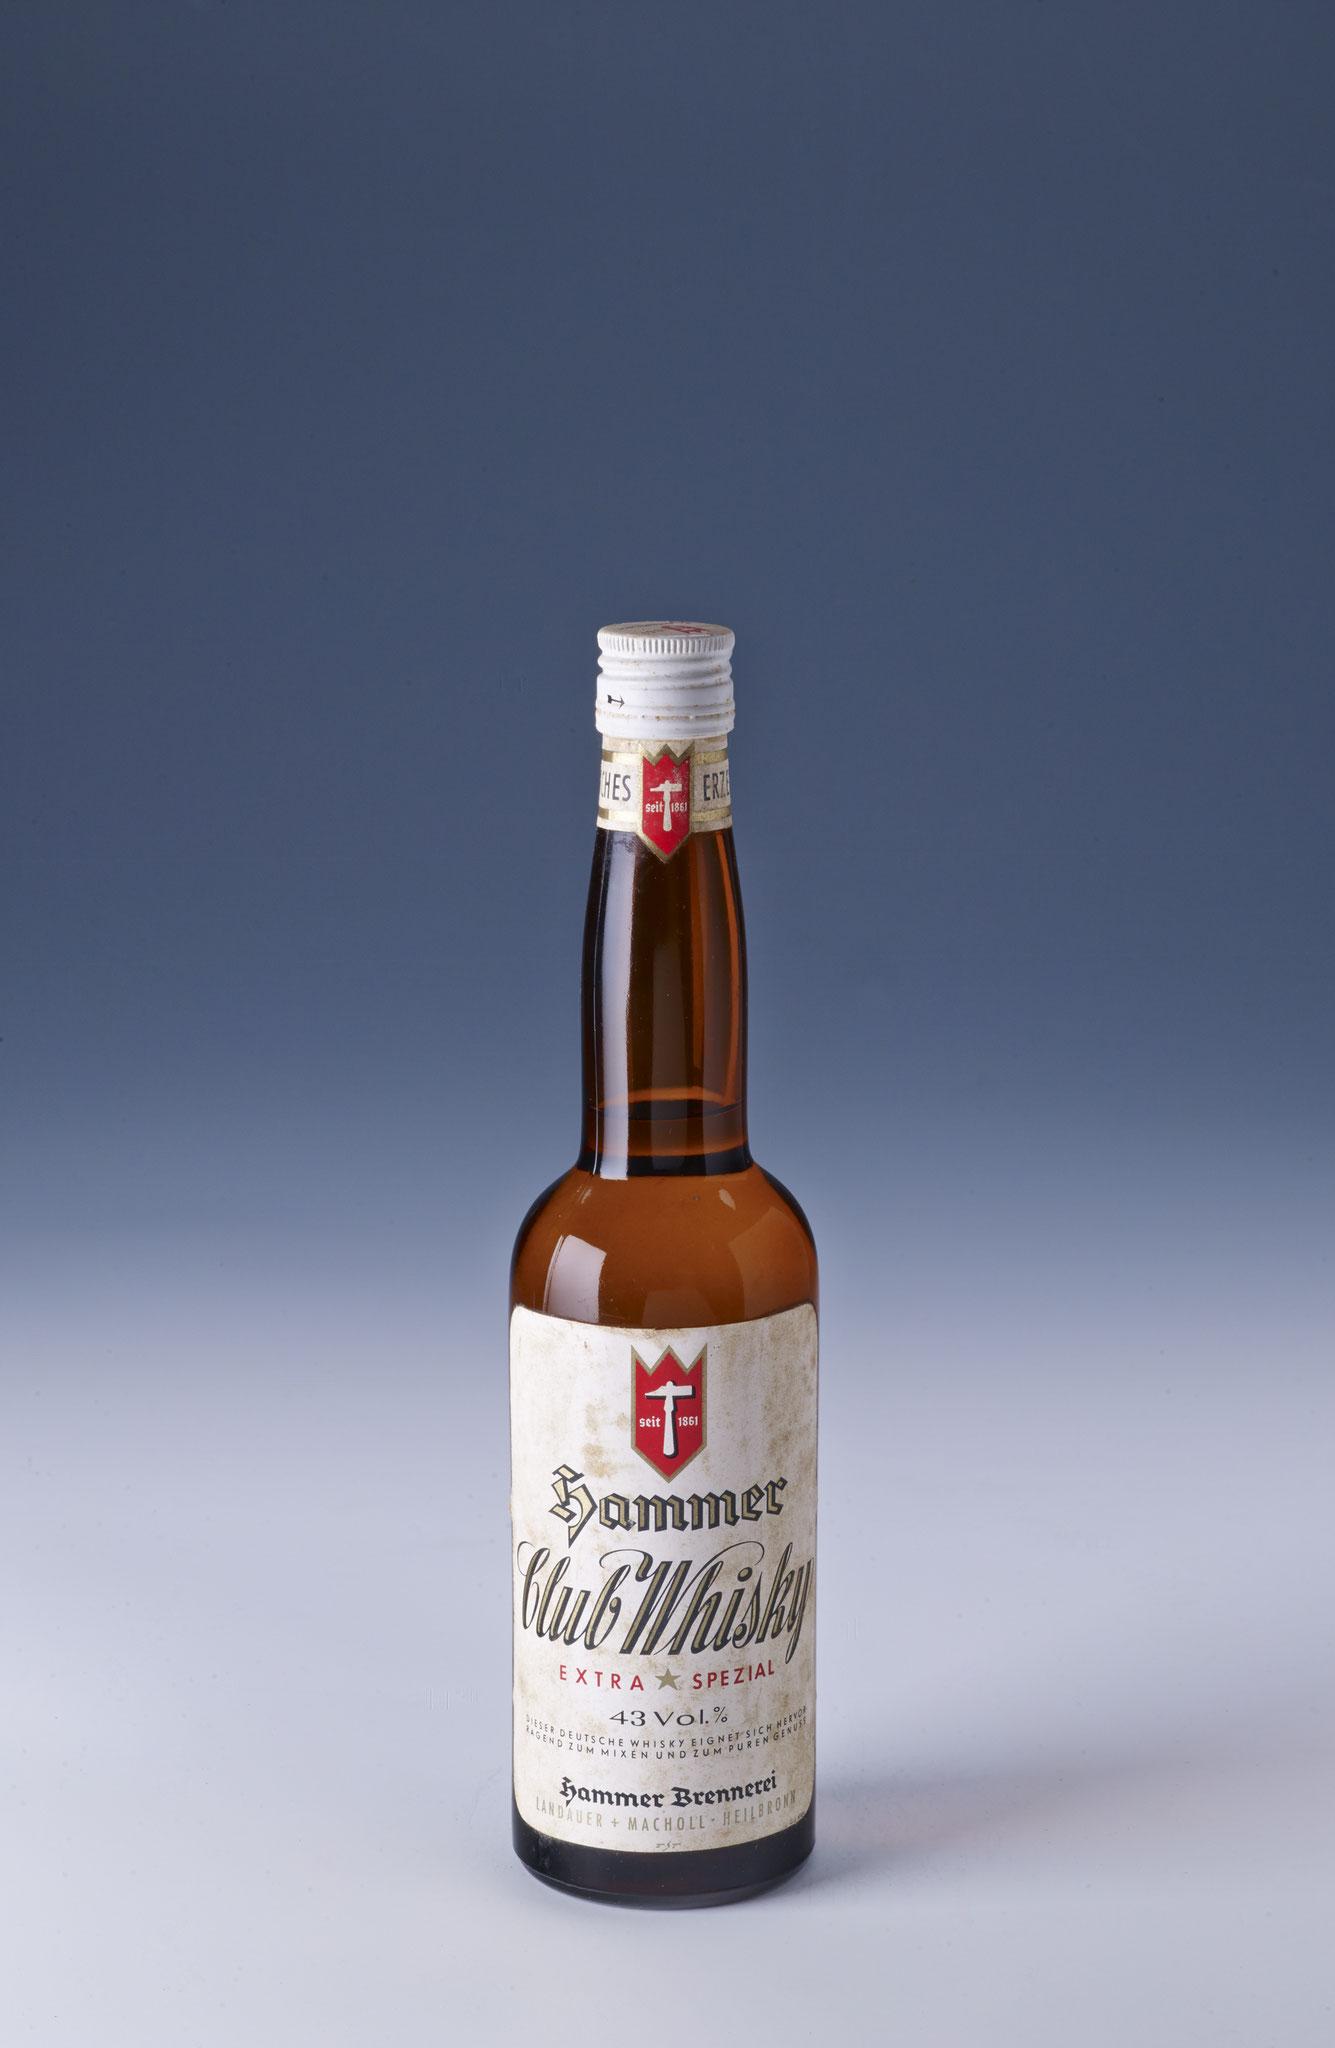 Hammer Brennerei Destillerie Heilbronn